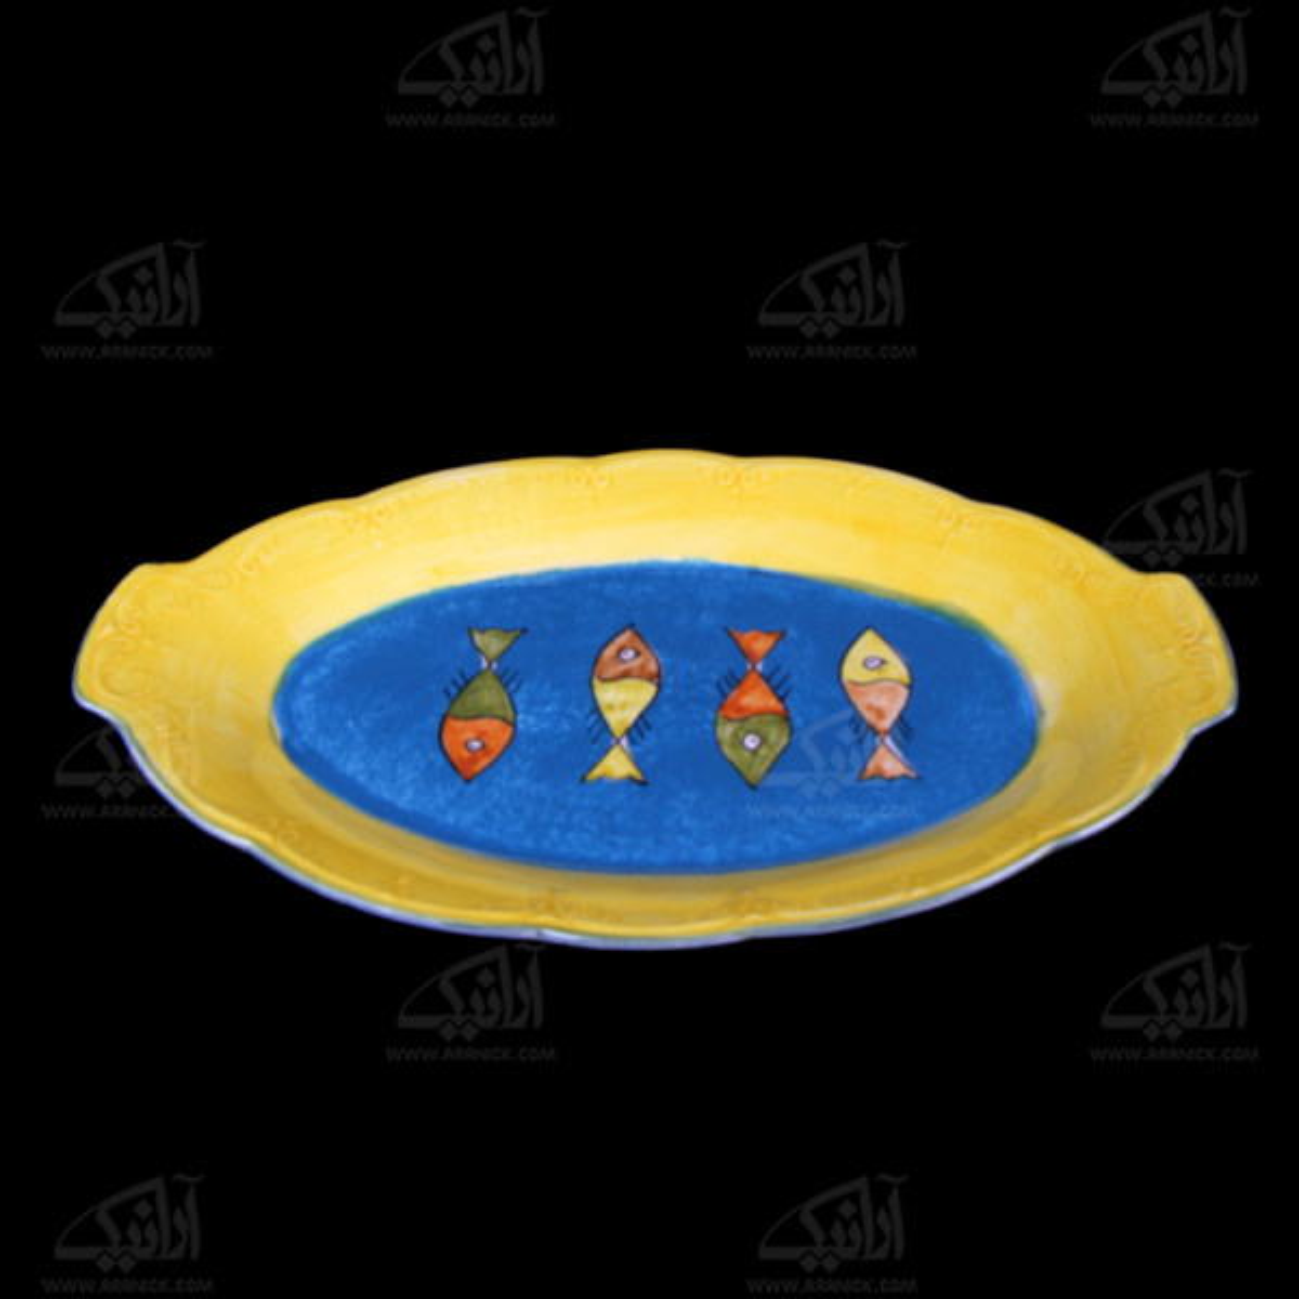 دیس سفالی نقاشی زیر لعابی  آرانیک رنگ زرد طرح ماهی  مدل 1016700010